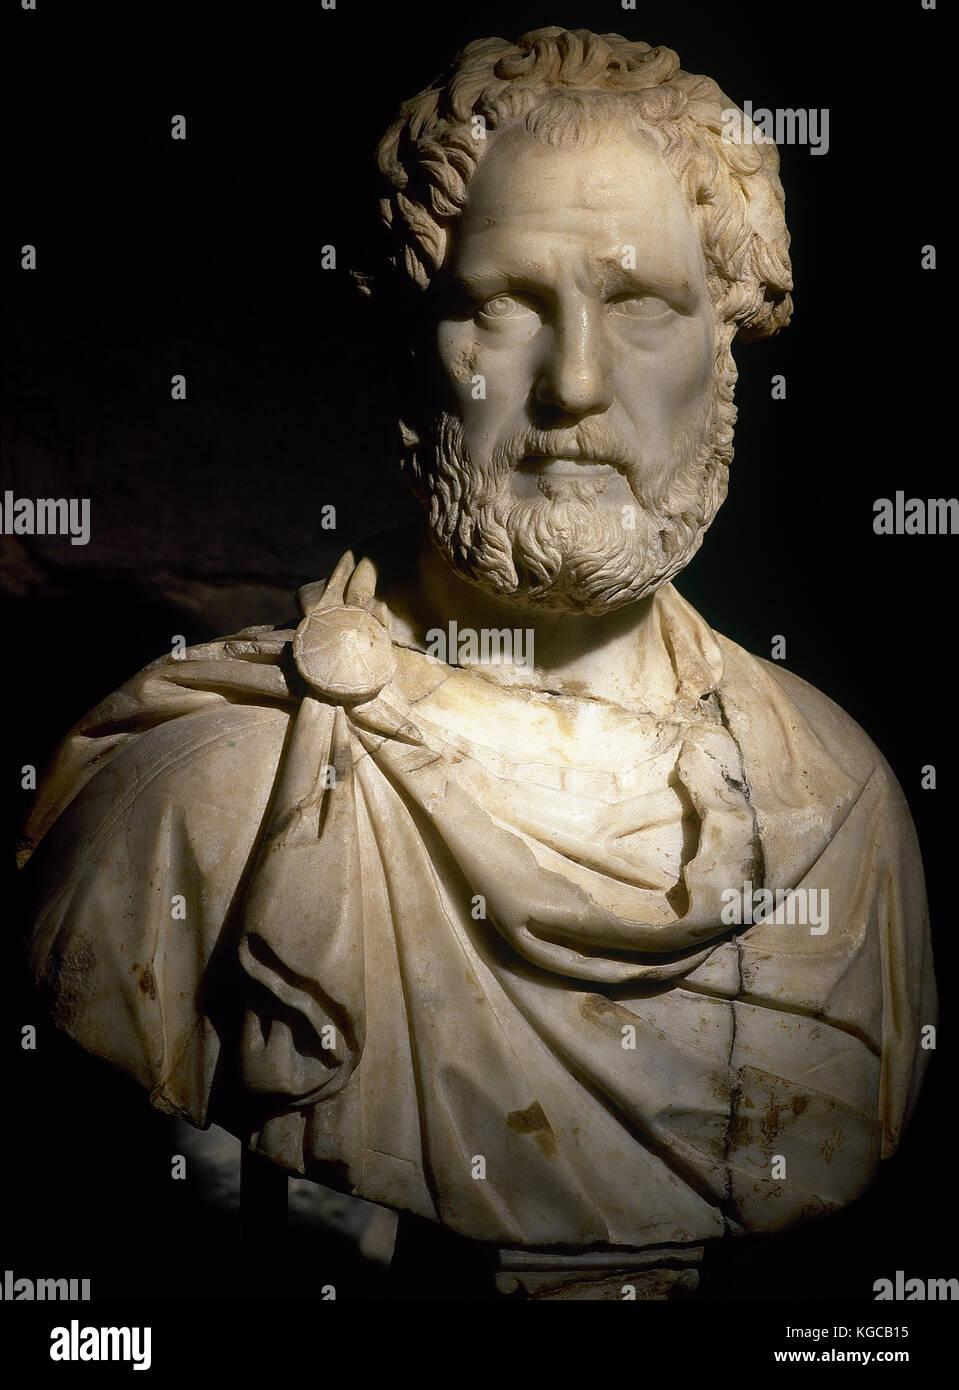 Buste romain probablement de l'empereur romain Antonin le Pieux (86-161 ad). En. 2ème ANNONCE de siècle. Photo Stock